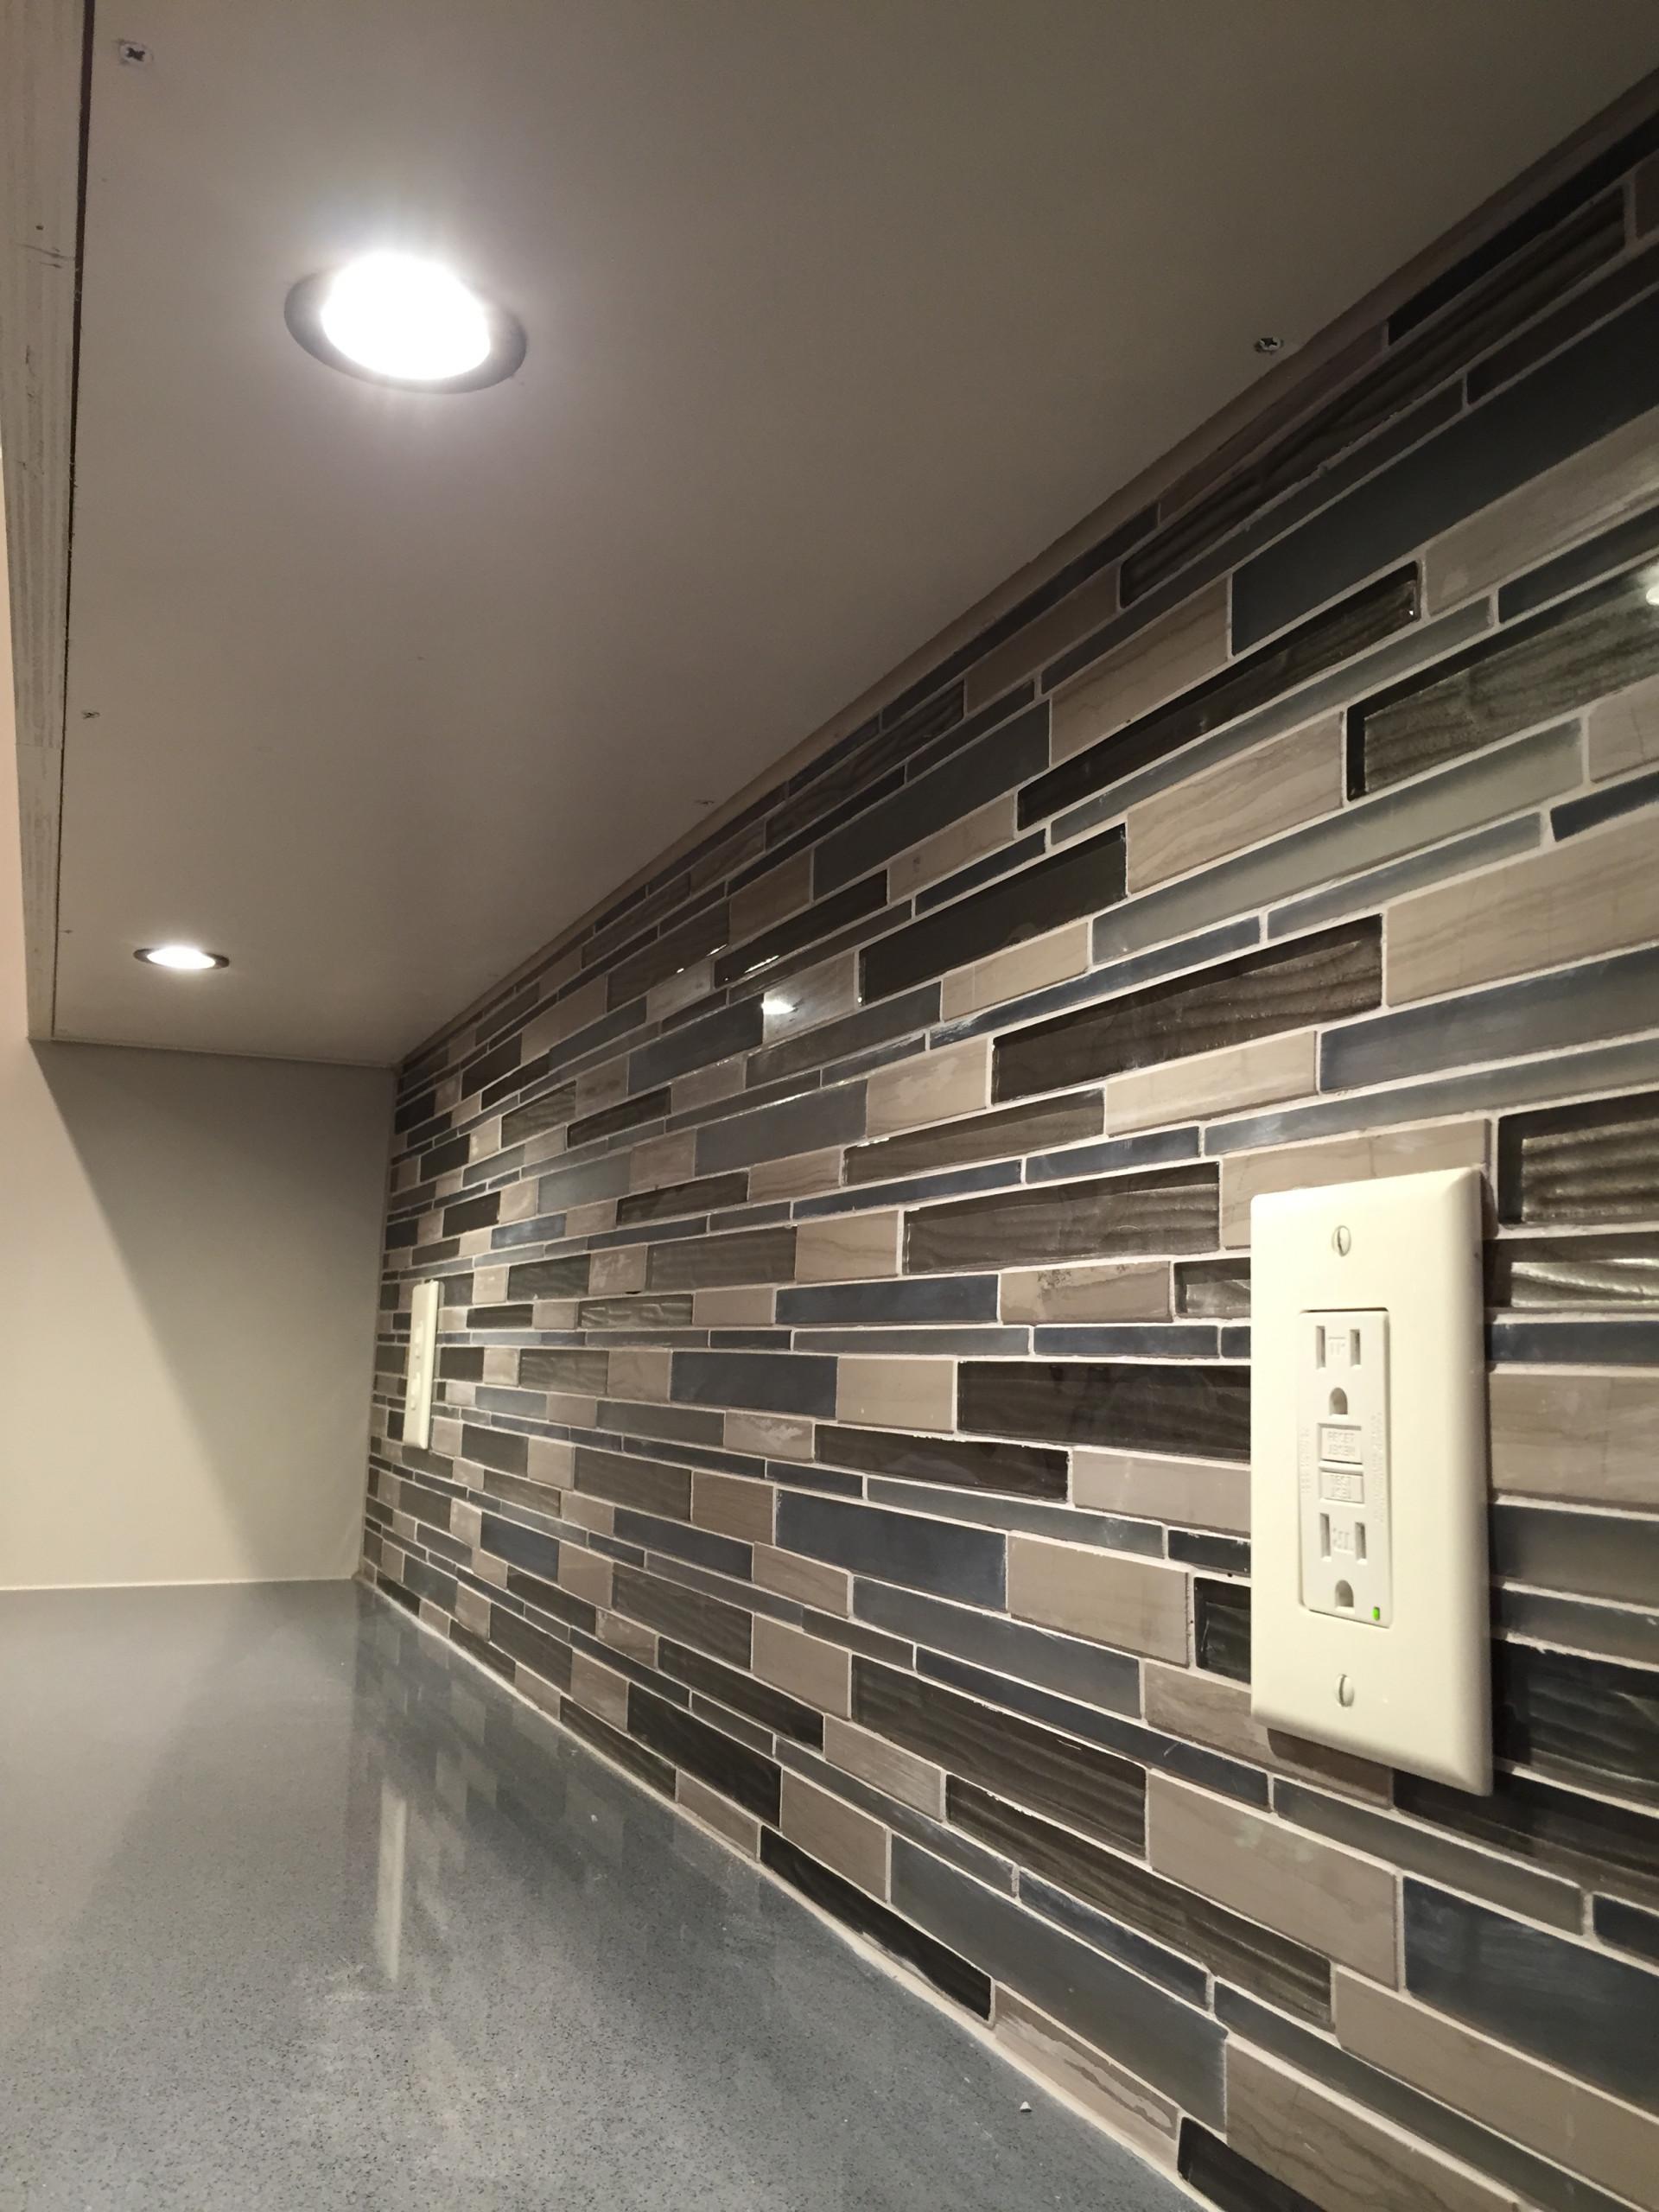 Sequoia - Kitchen/Living room/Master Bedroom-Bathroom Suite Remodel